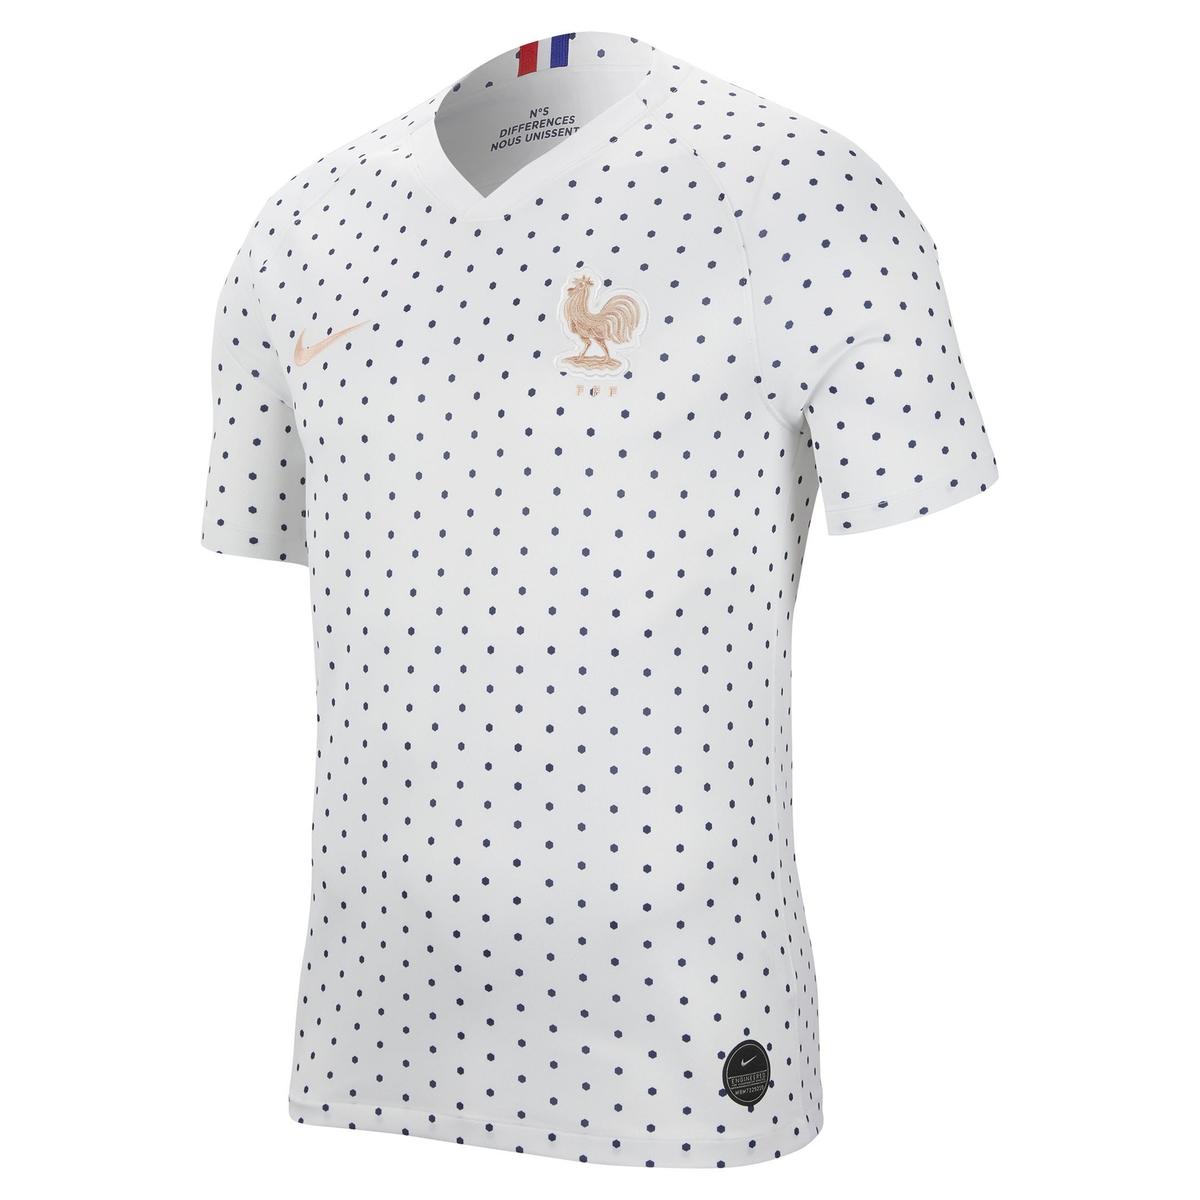 Camiseta con cuello de pico, manga corta, estampado de lunares